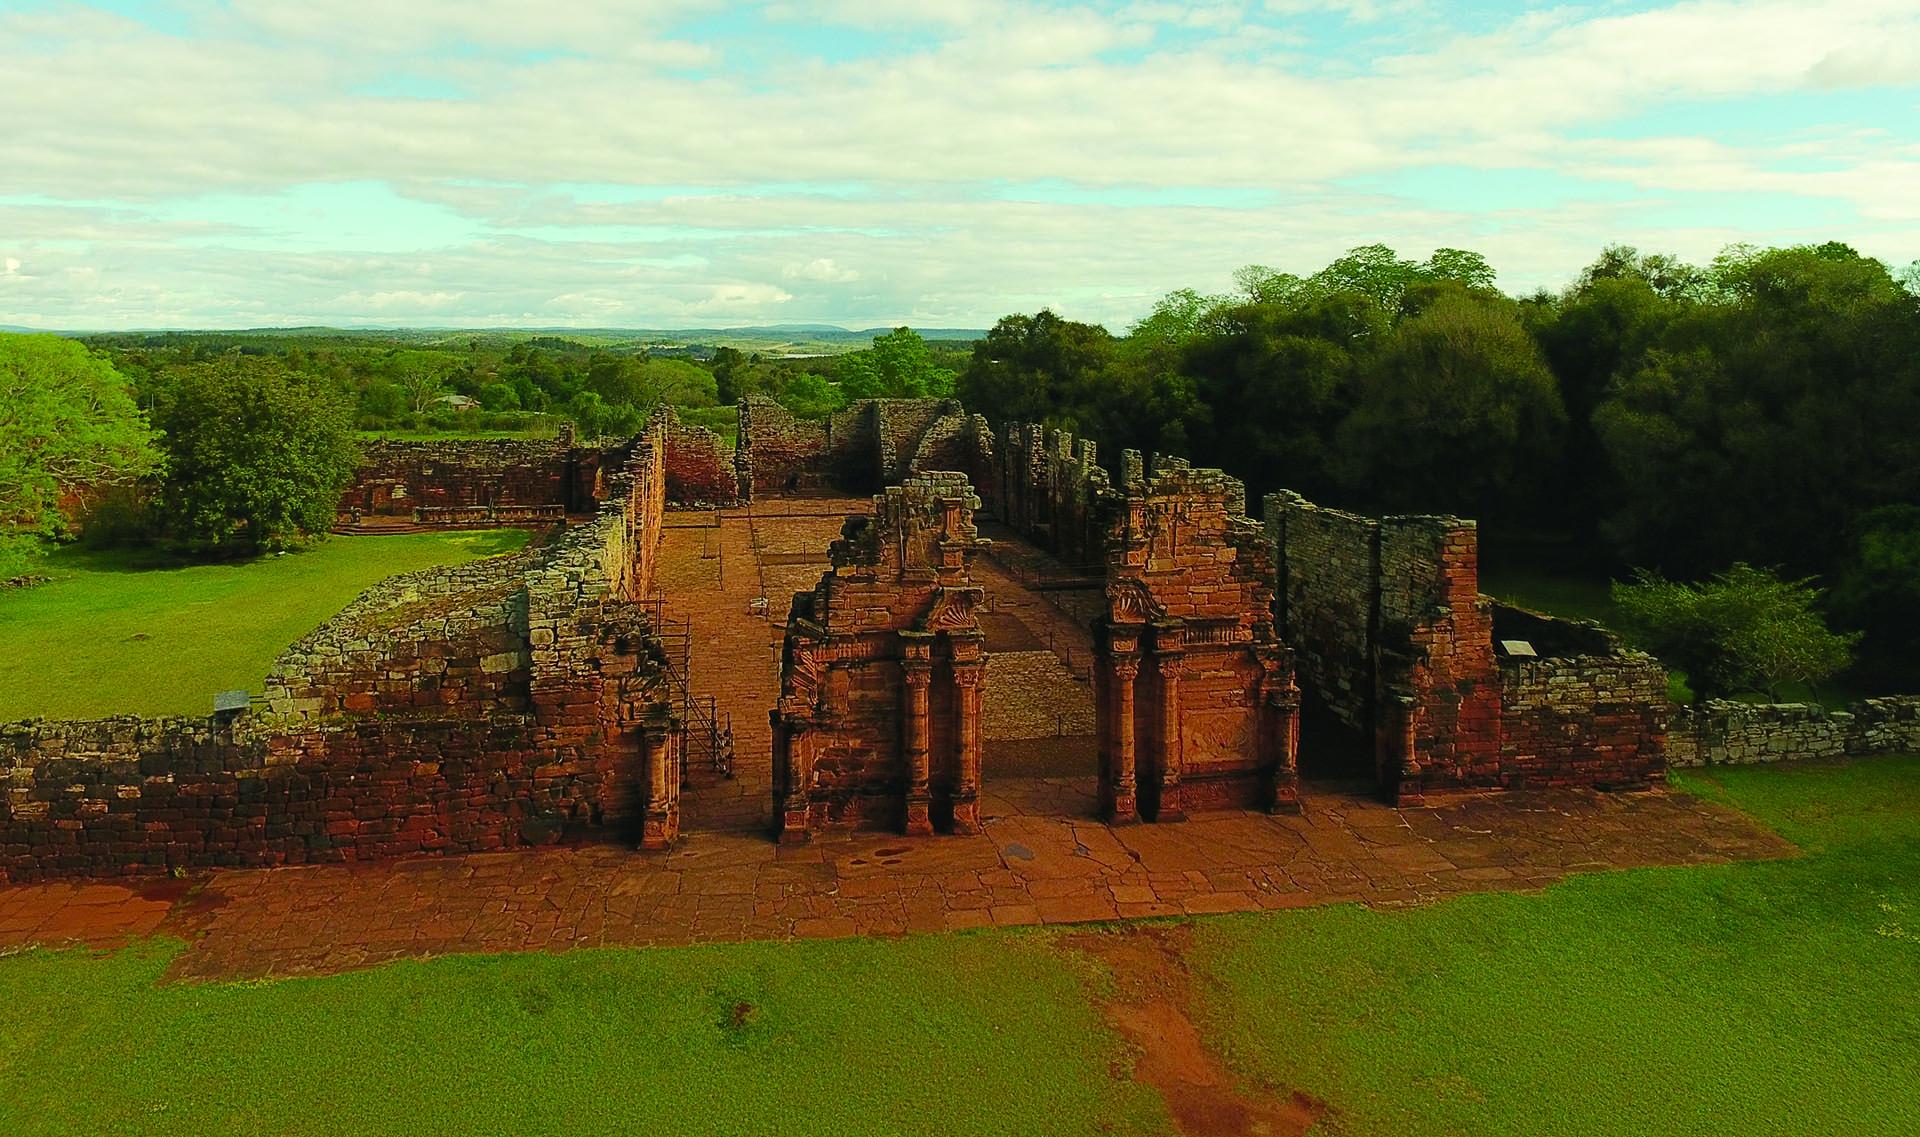 En medio de la selva. En San Ignacio hay naturaleza y hay historia. Todas las Reducciones de las Misiones Jesuíticas Guaraníes invitan a viajar al pasado, descubrir sus diseños y su arquitectura entre la vegetación verde. En Misiones, también es imperdible un viaje a las Cataratas del Iguazú, una de las Nuevas Siete Maravillas Naturales del Mundo y Patrimonio Mundial.